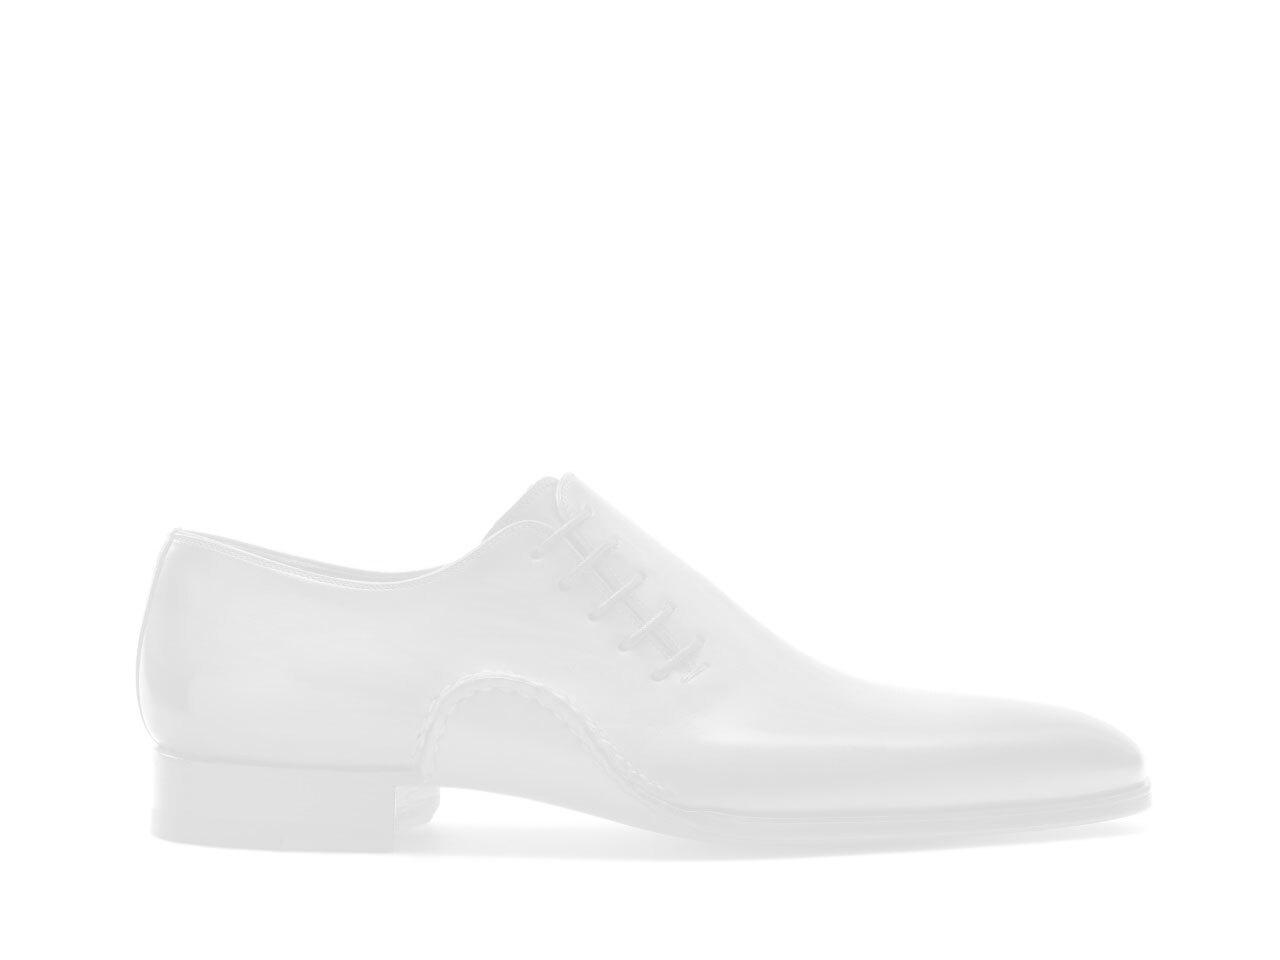 Side view of the Magnanni Saffron Black Men's Oxford Shoes